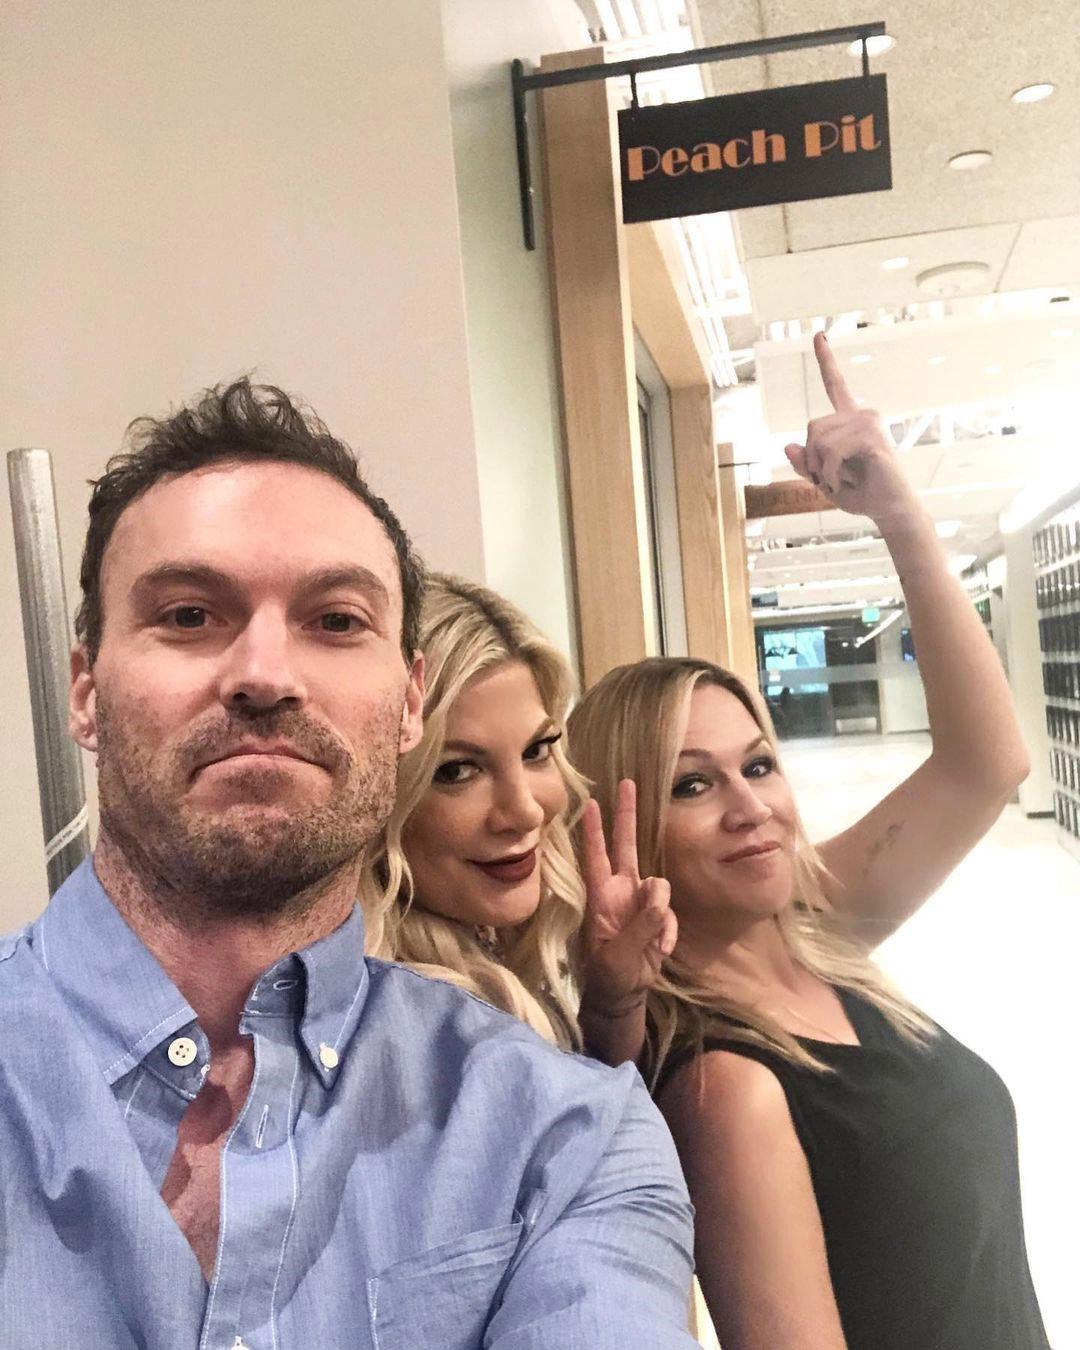 Tori Spelling, Brian Austin Green, Jennie Garth, Beverly Hills 90210, Instagram photo